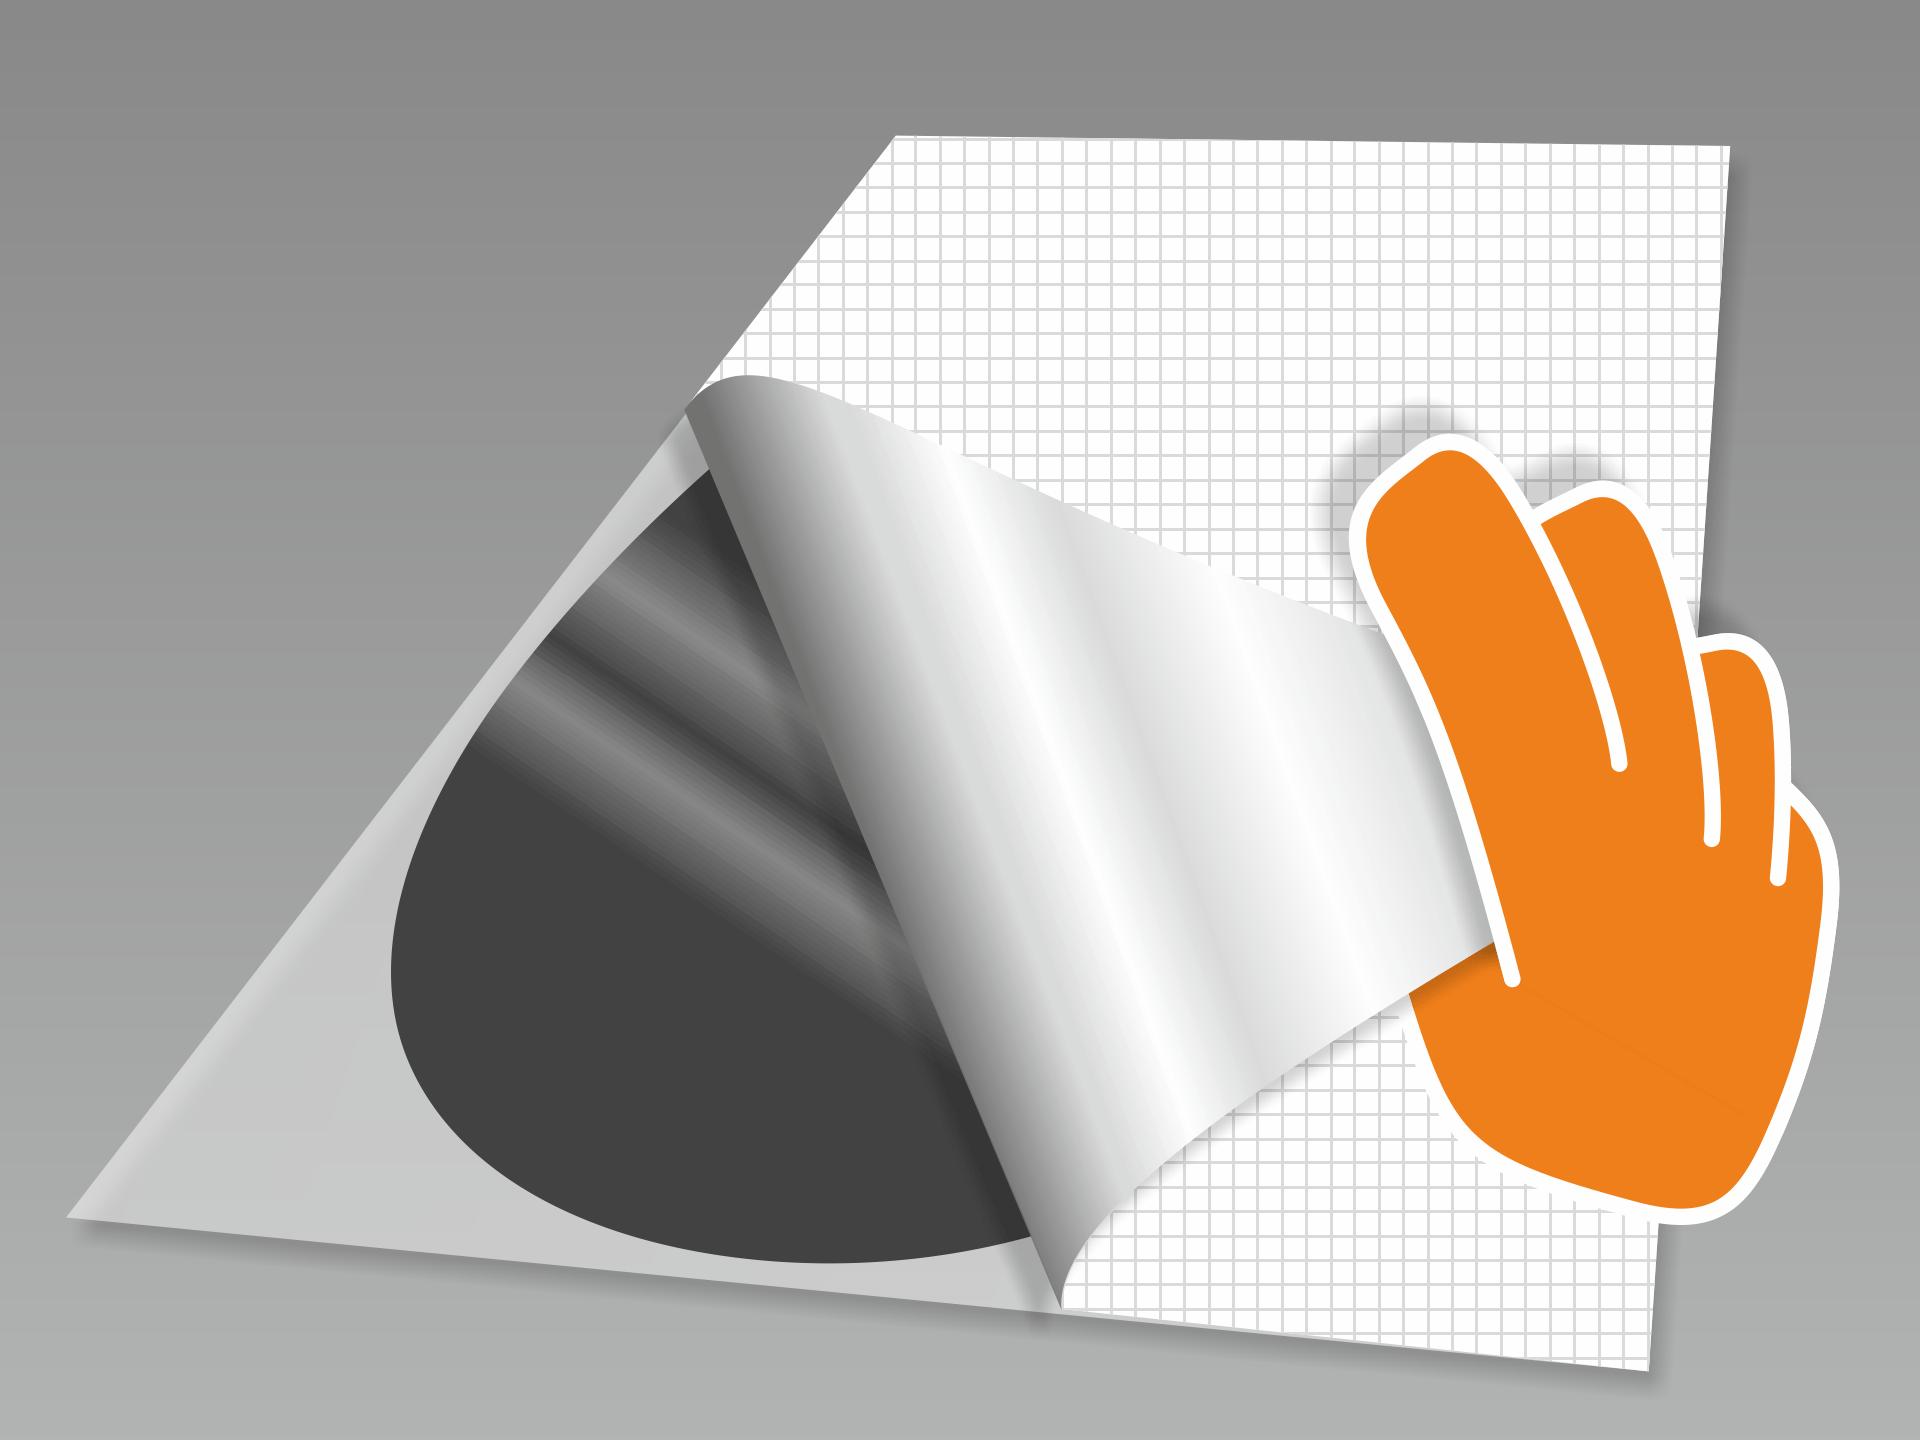 Tafeltattoo abnehmen und mit dem Motiv nach unten auf einen glatten Untergrund legen. Nun das rückseitige Trägerpapier in flachem Winkel vorsichtig komplett abziehen.